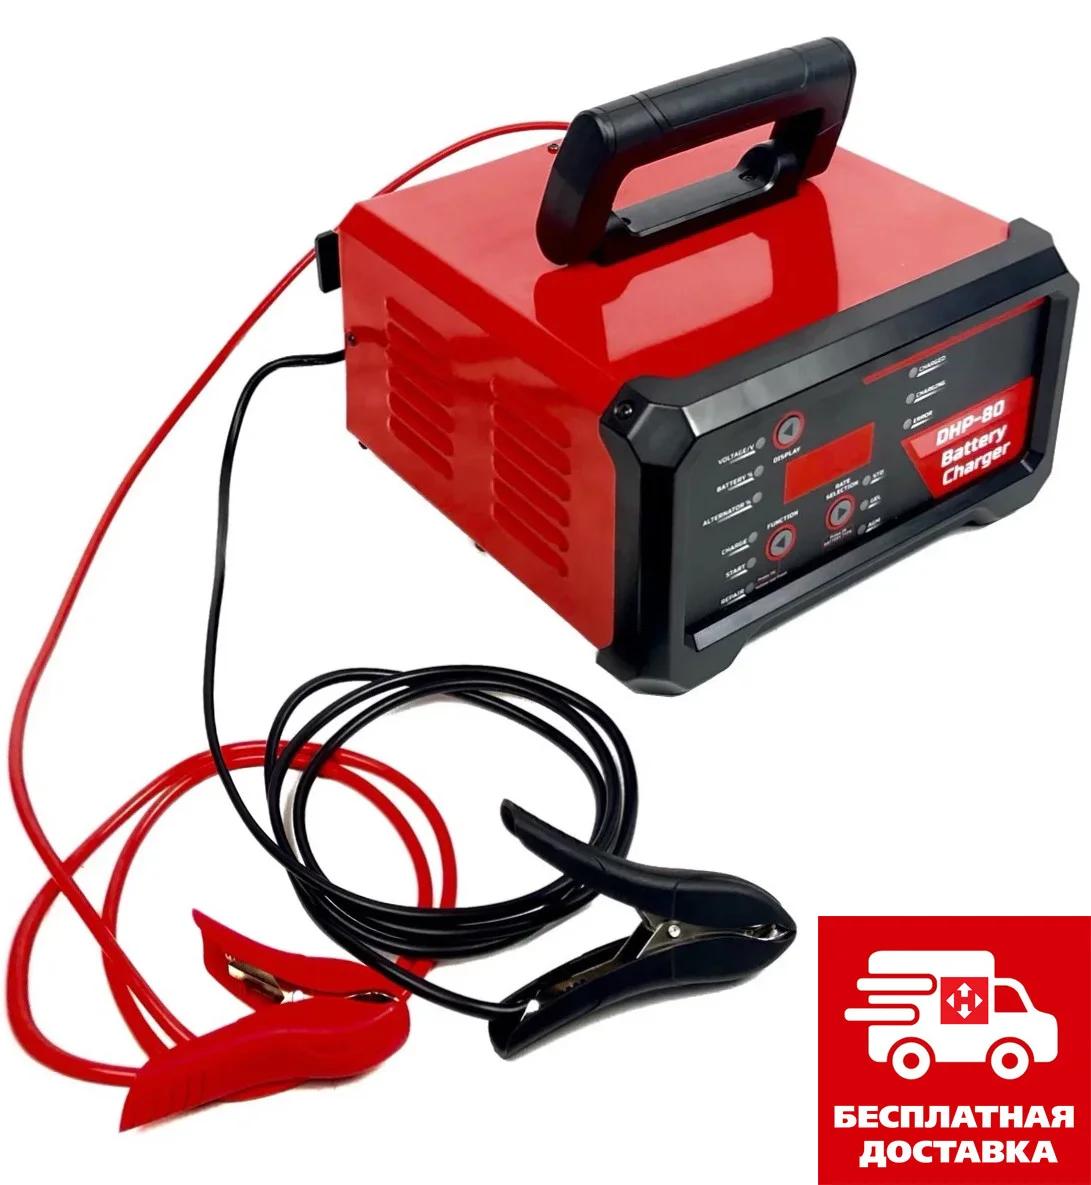 Пуско-зарядное устройство AL-FA DHP-80 для зарядки аккумуляторов 1.5 кВт